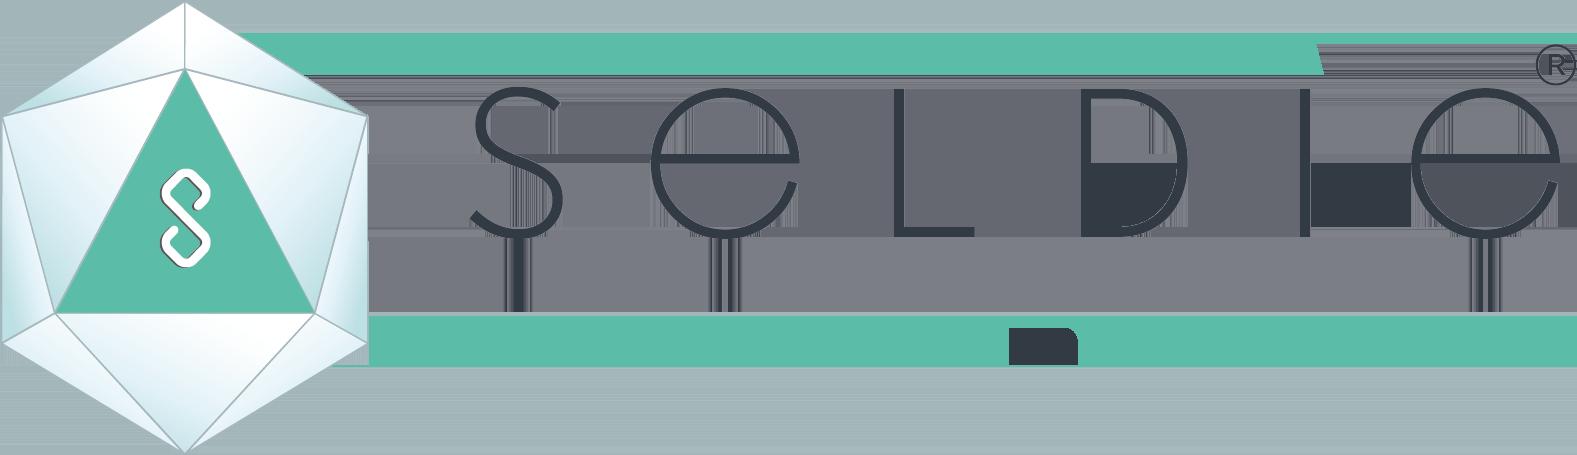 Seldie Anti-Aging & Wellness